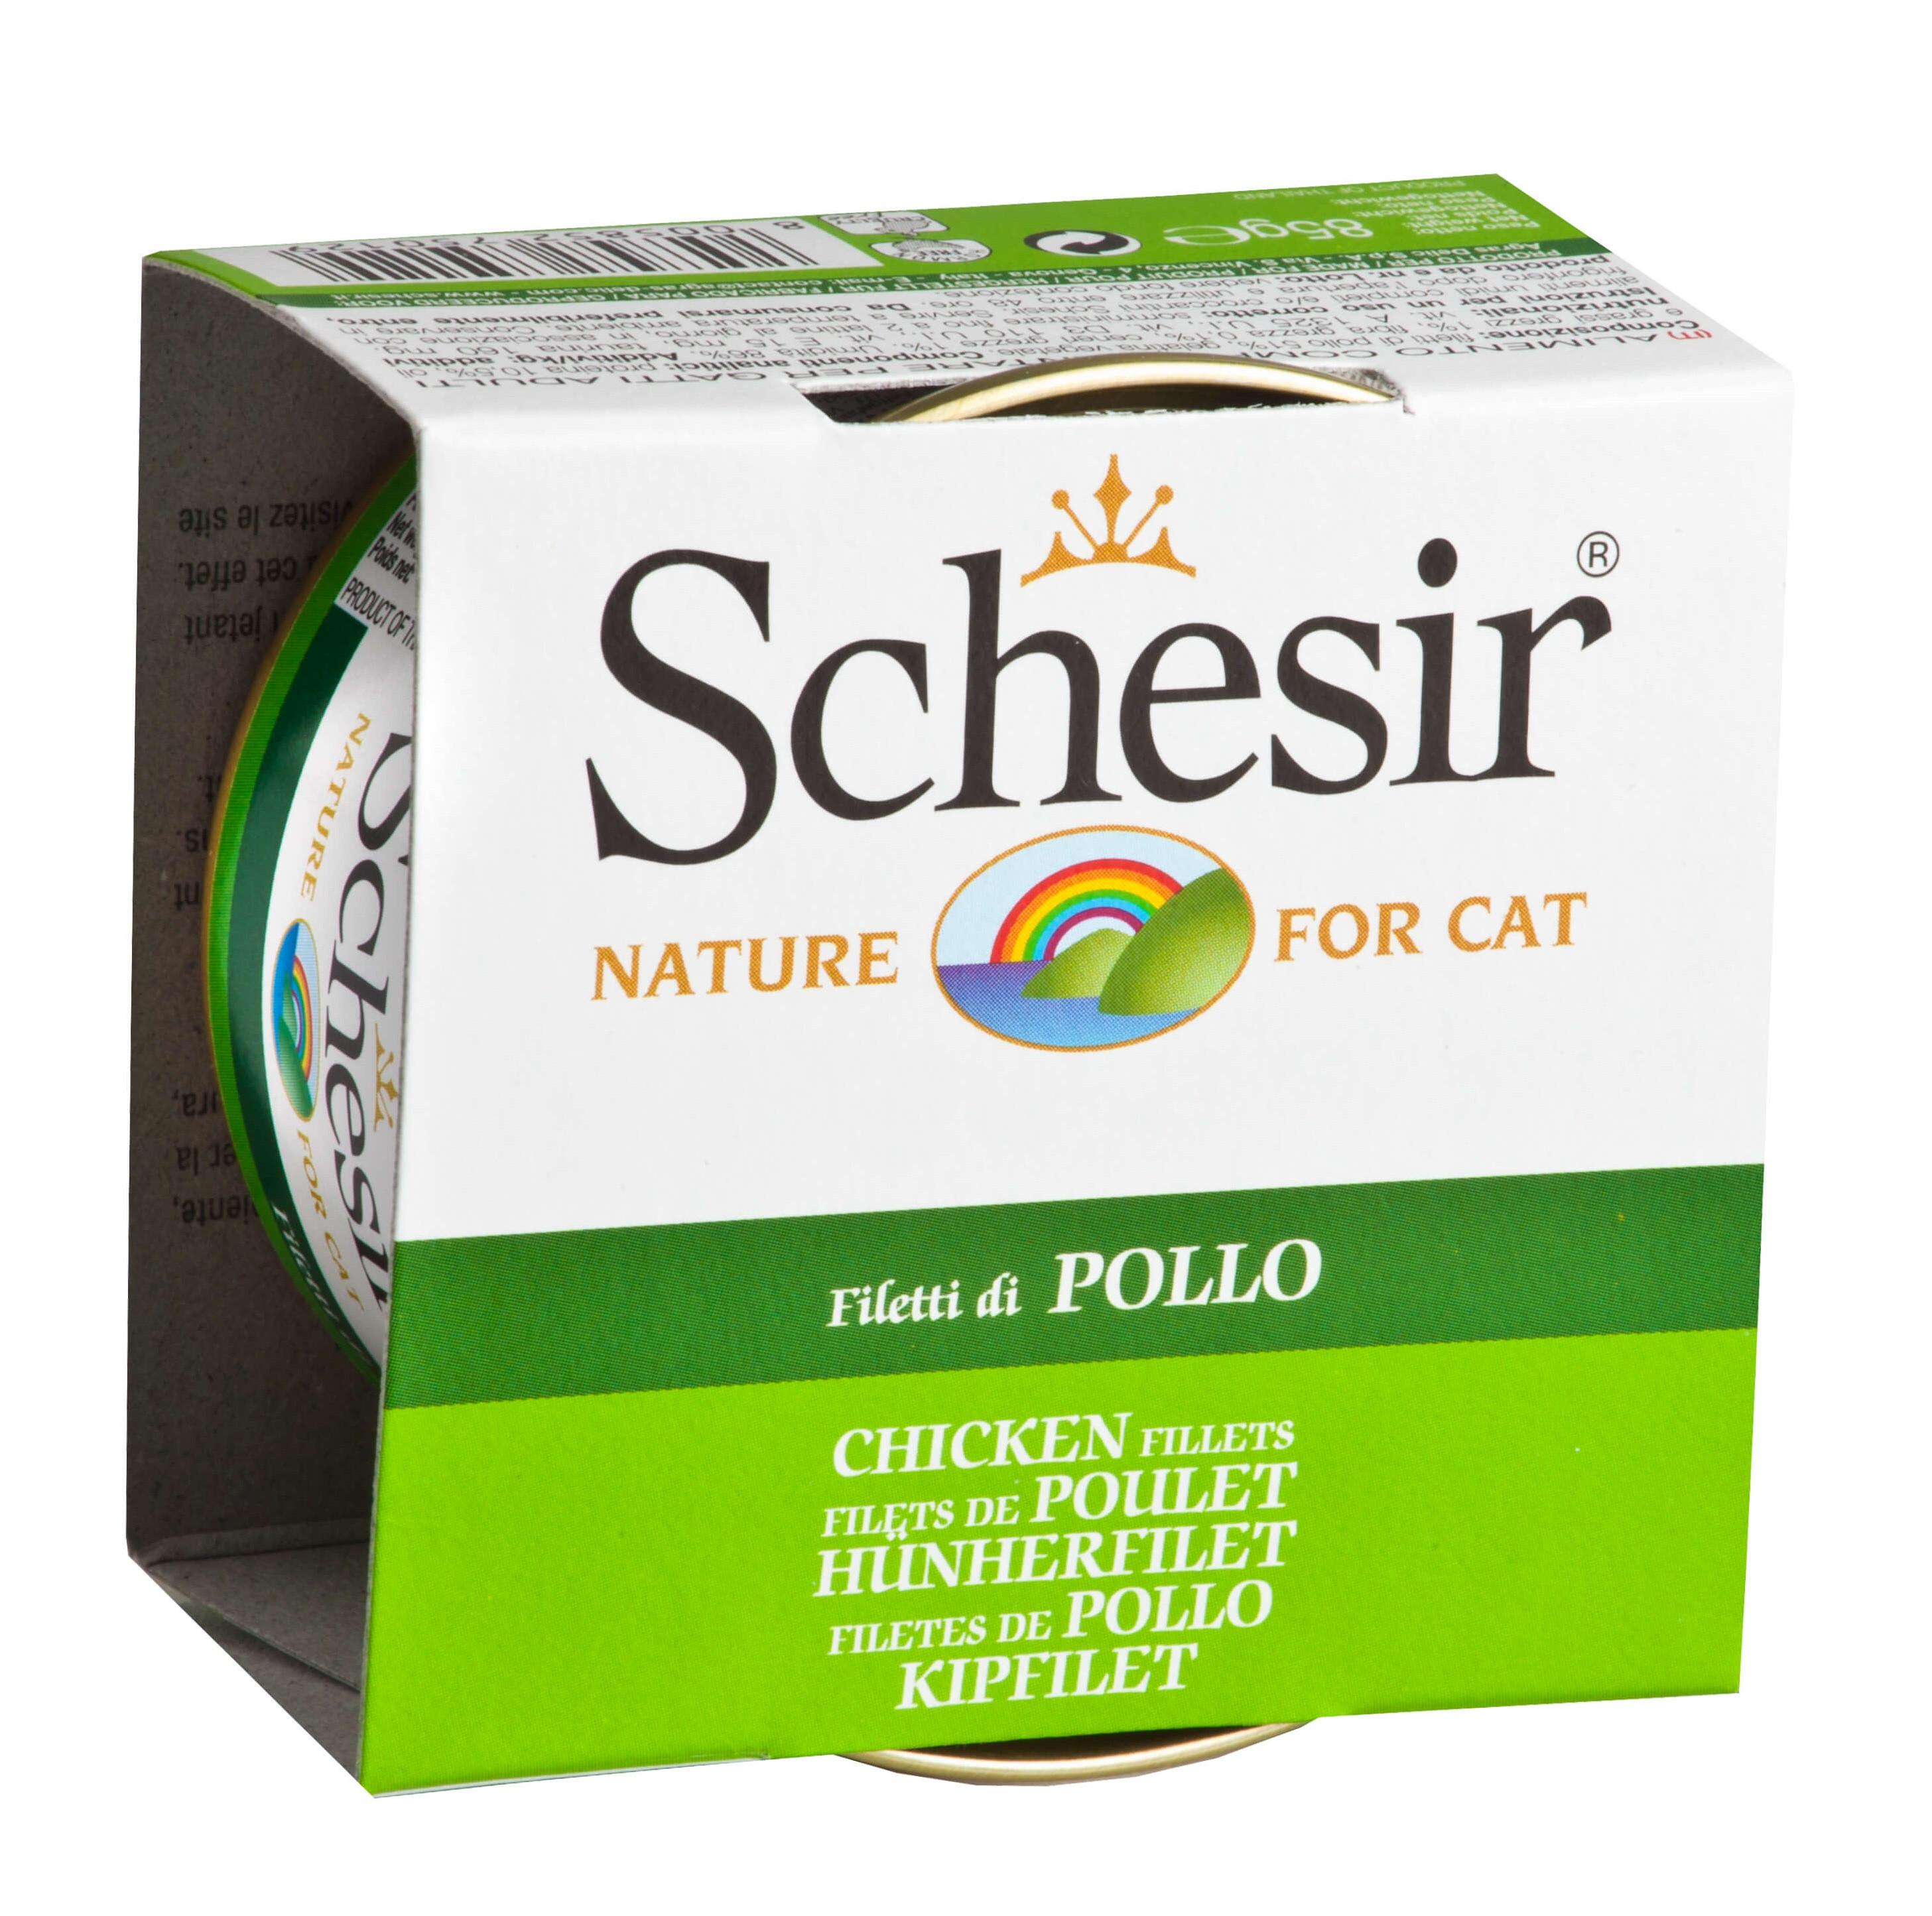 Schesir Hühnerfilet für Katzen